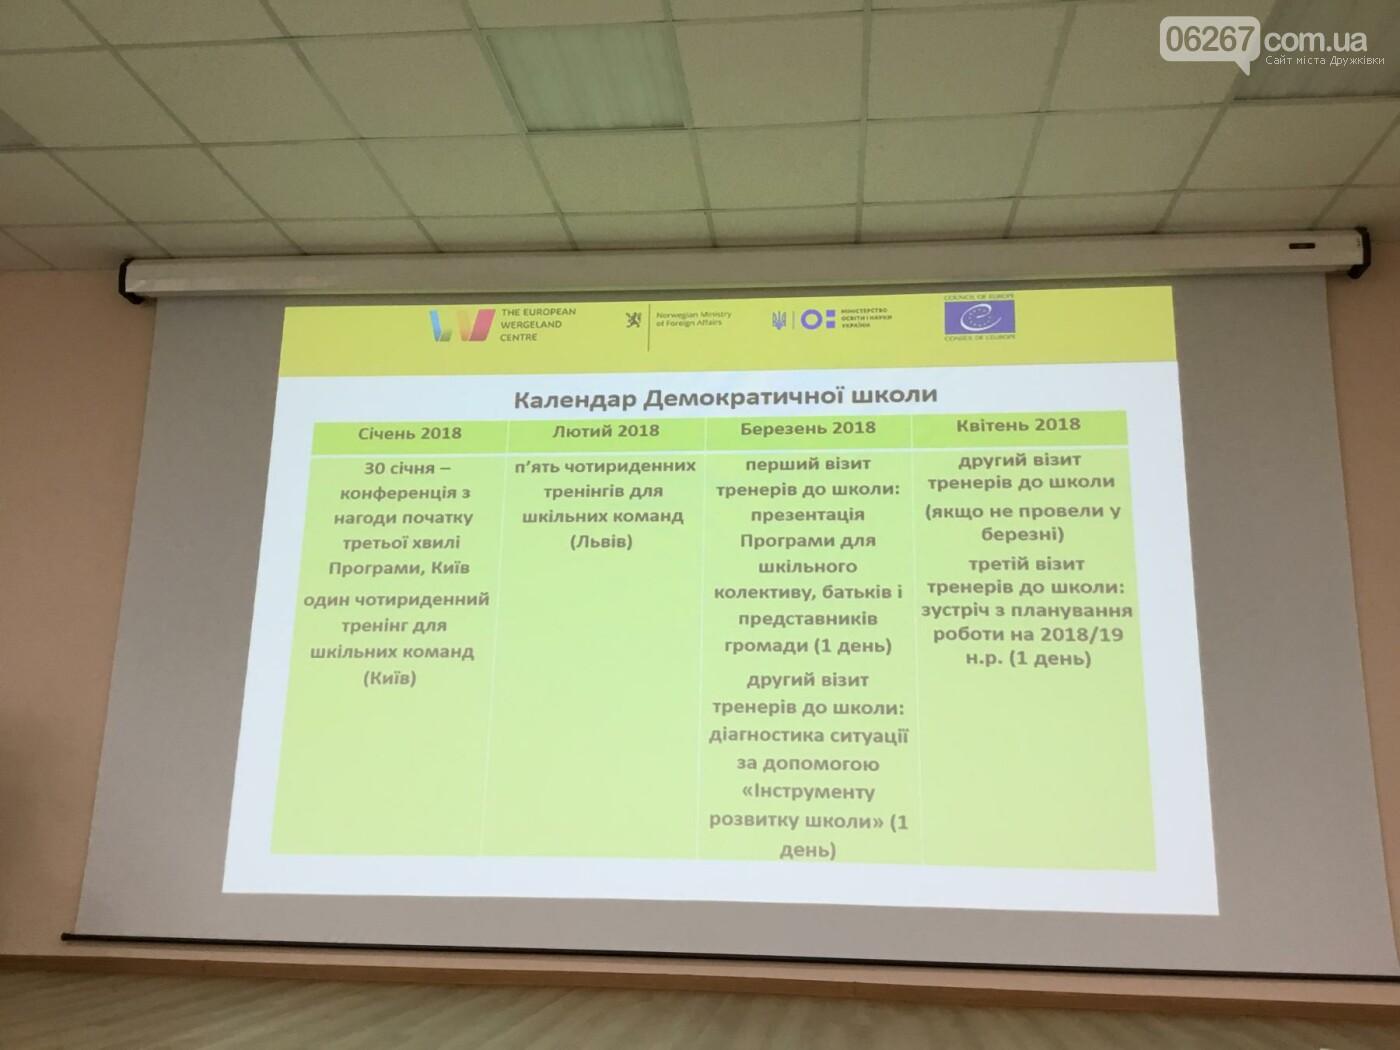 В Дружковке прошла вторая встреча-тренинг в рамках проекта «Демократическая школа», фото-1